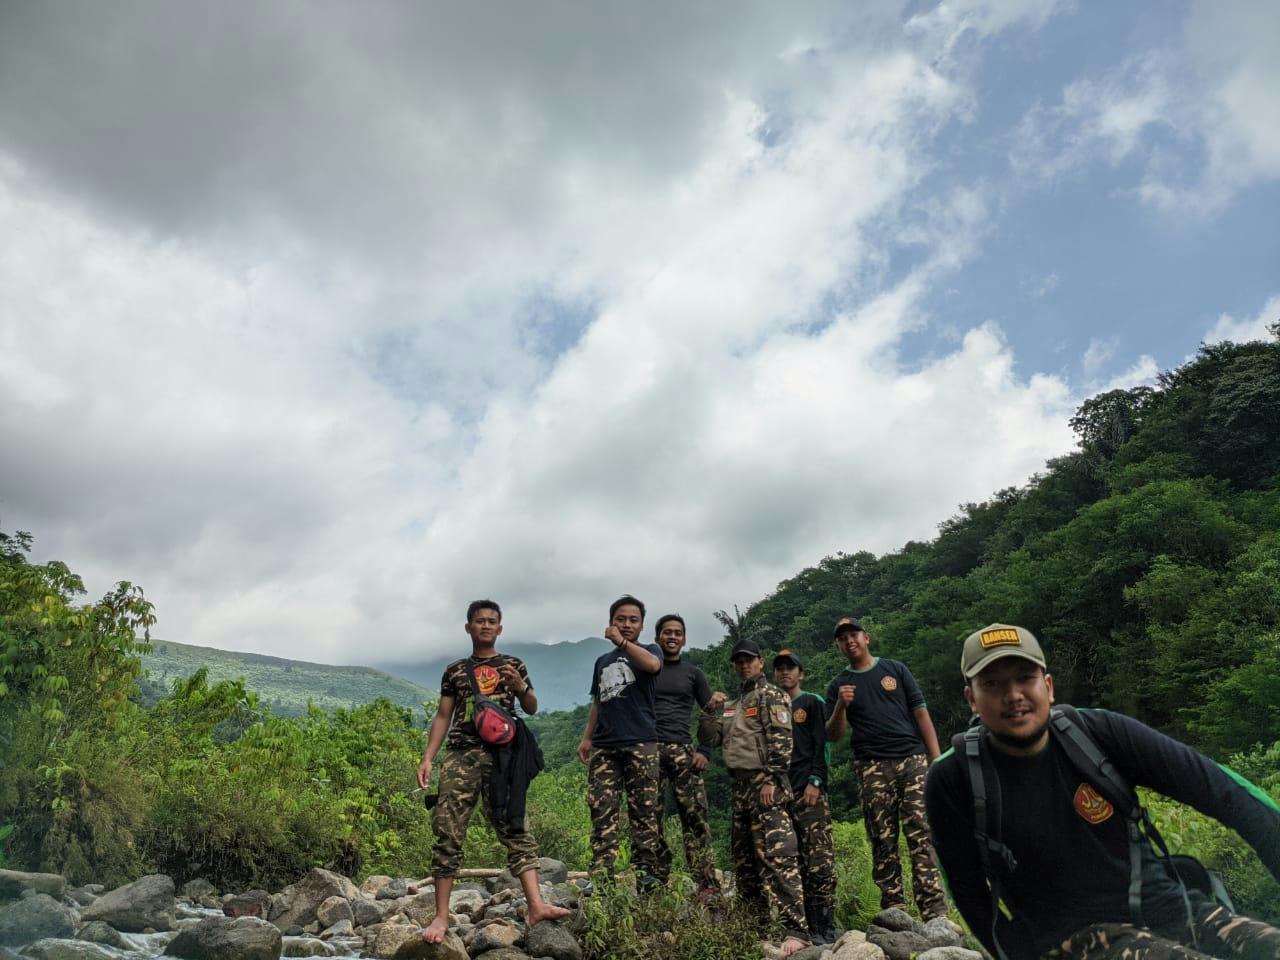 Gebrakan Pengurus Baru Satkoryon Banser Tamansari. Latgab di Alam terbuka